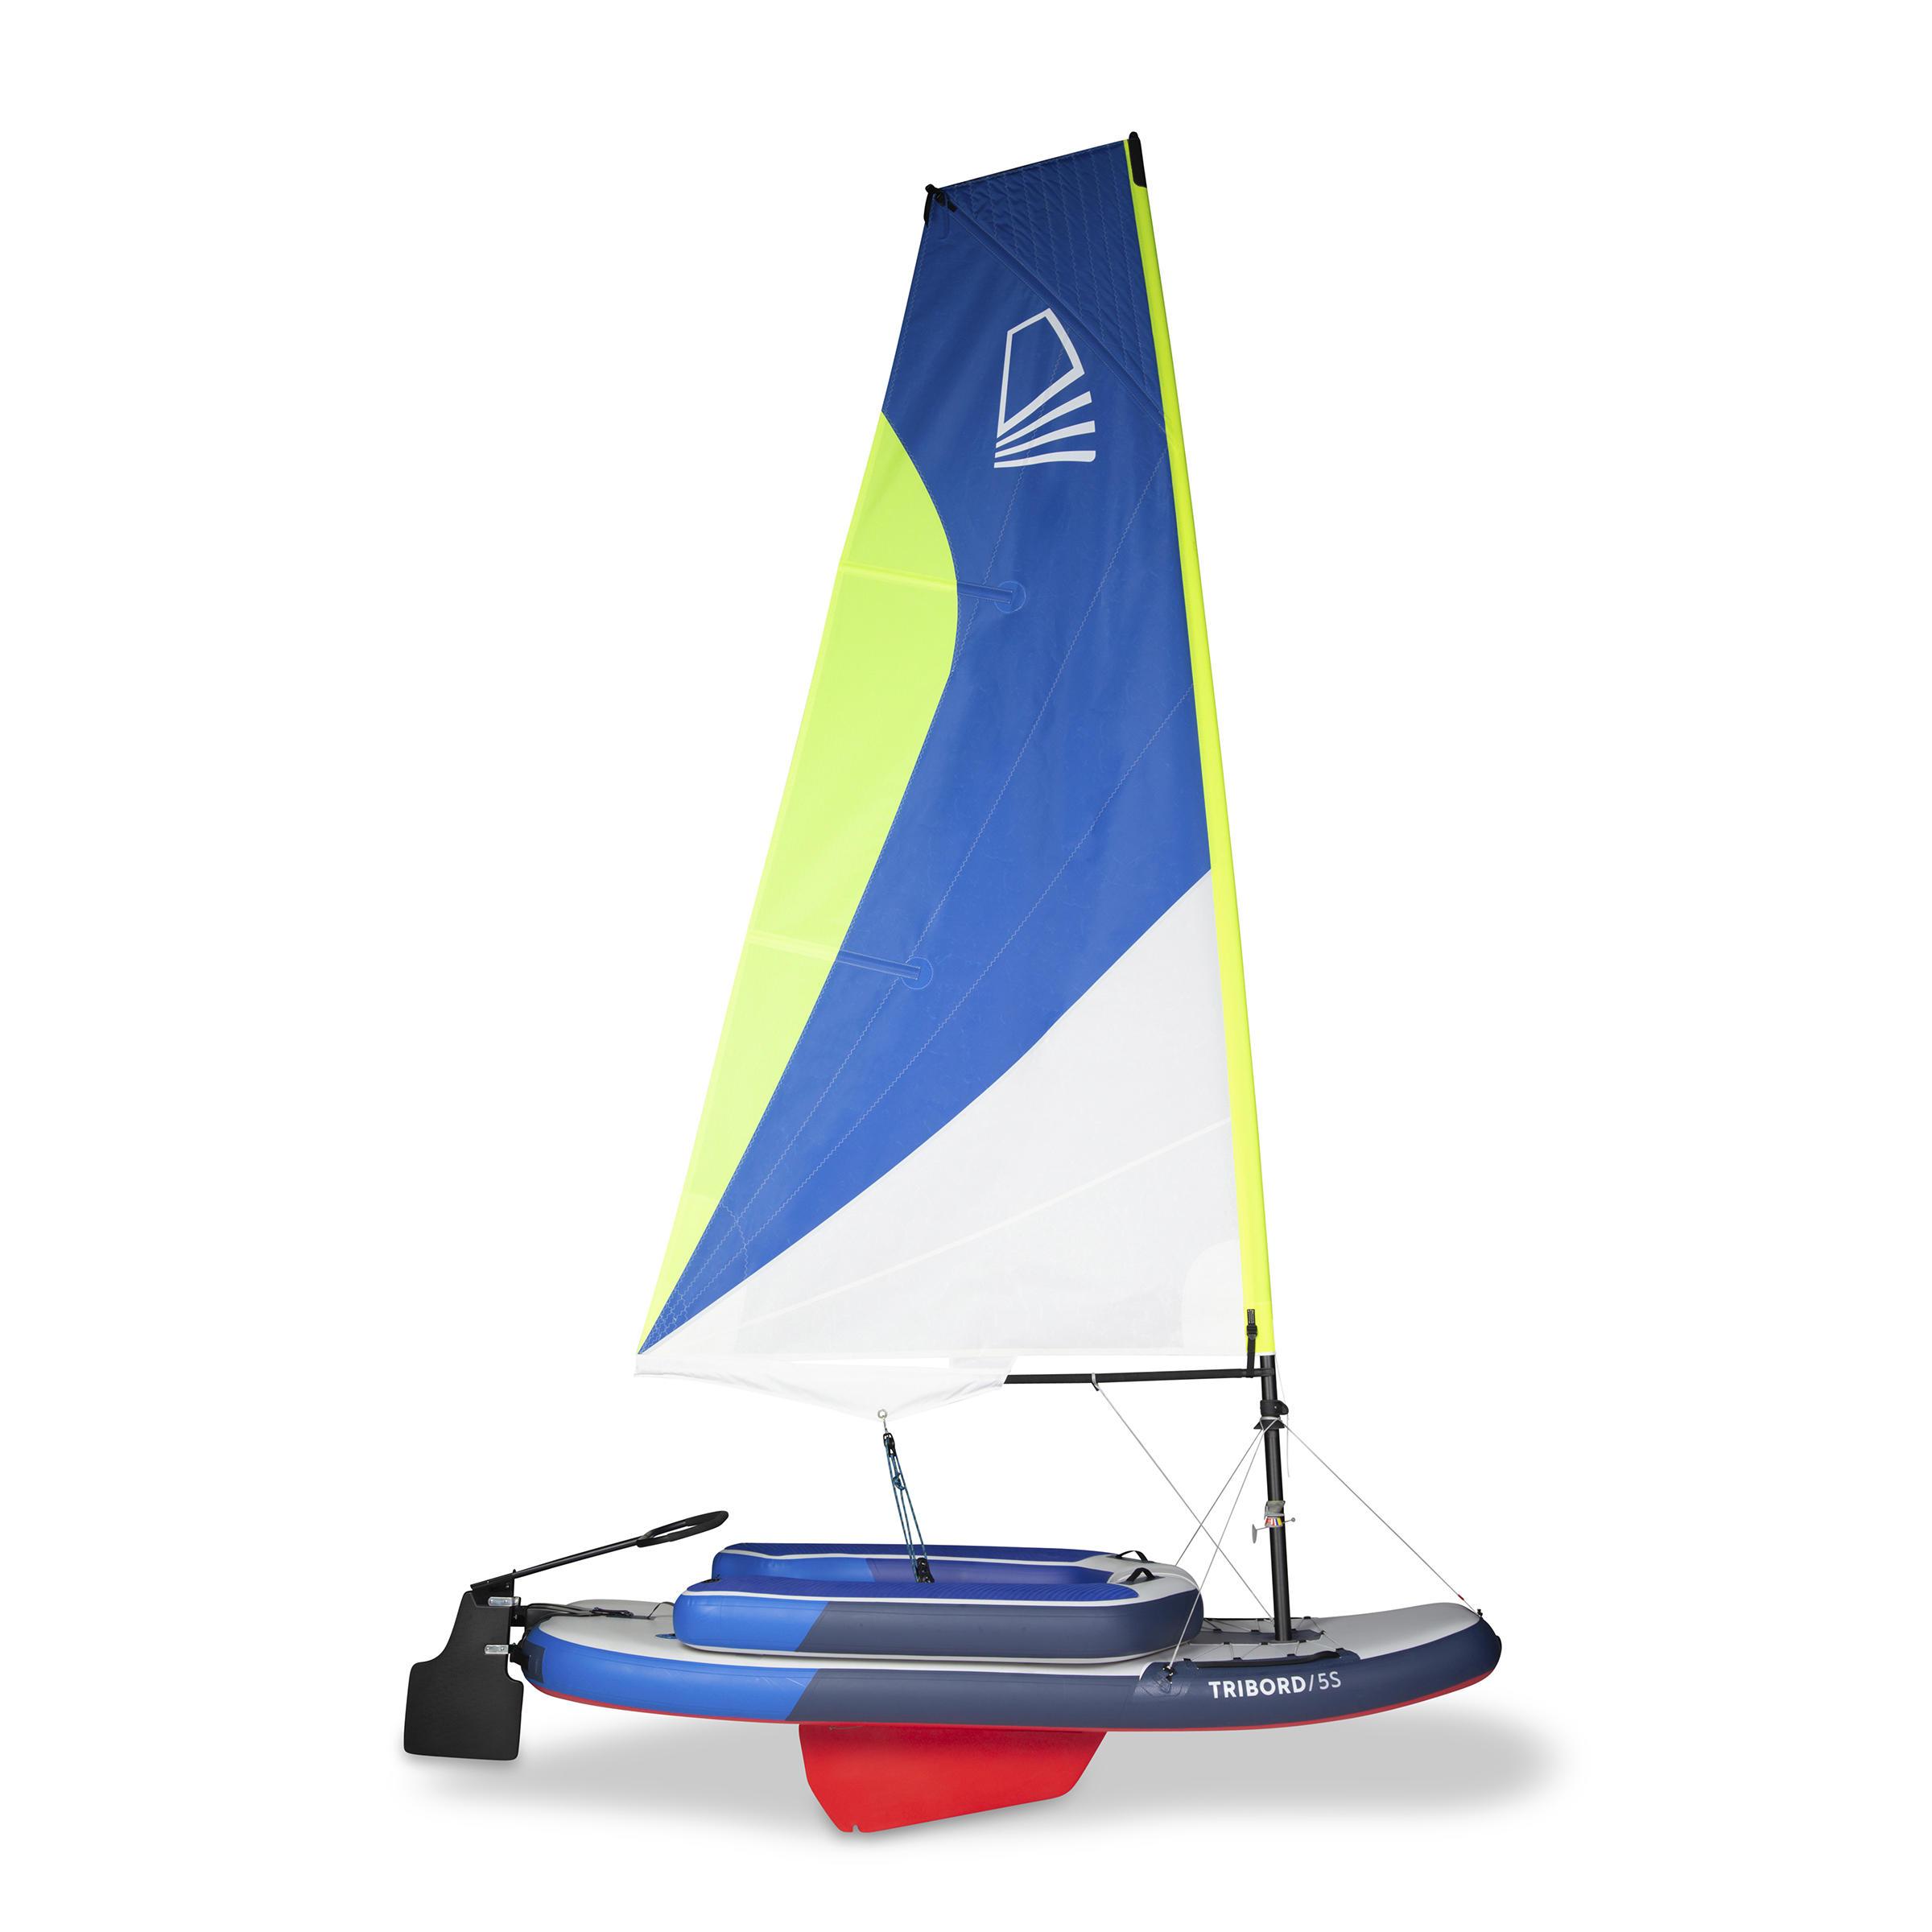 Bateau Deriveur Gonflable Tribord 5s Tribord Decathlon